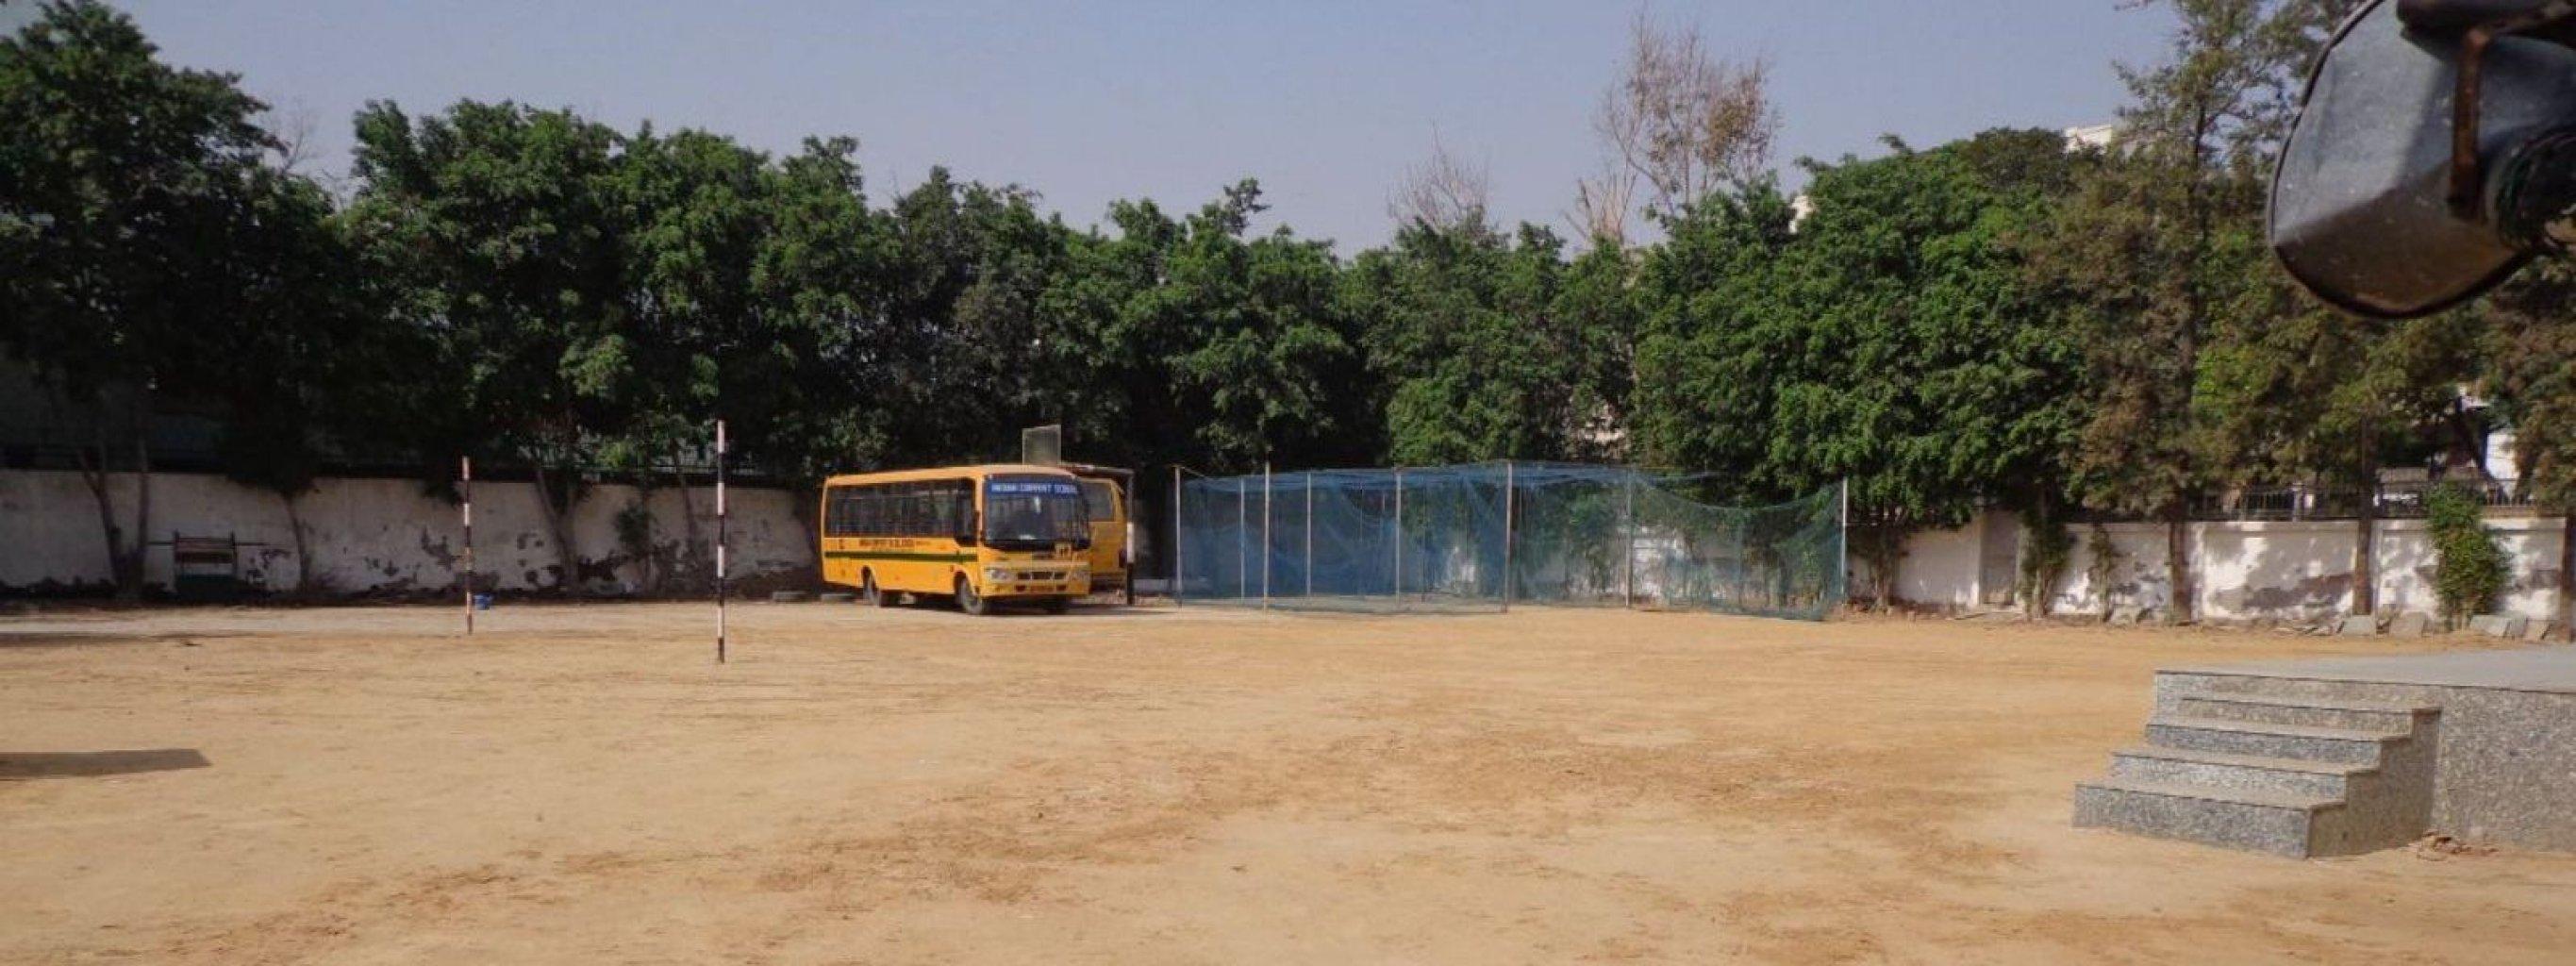 Indian Convent School